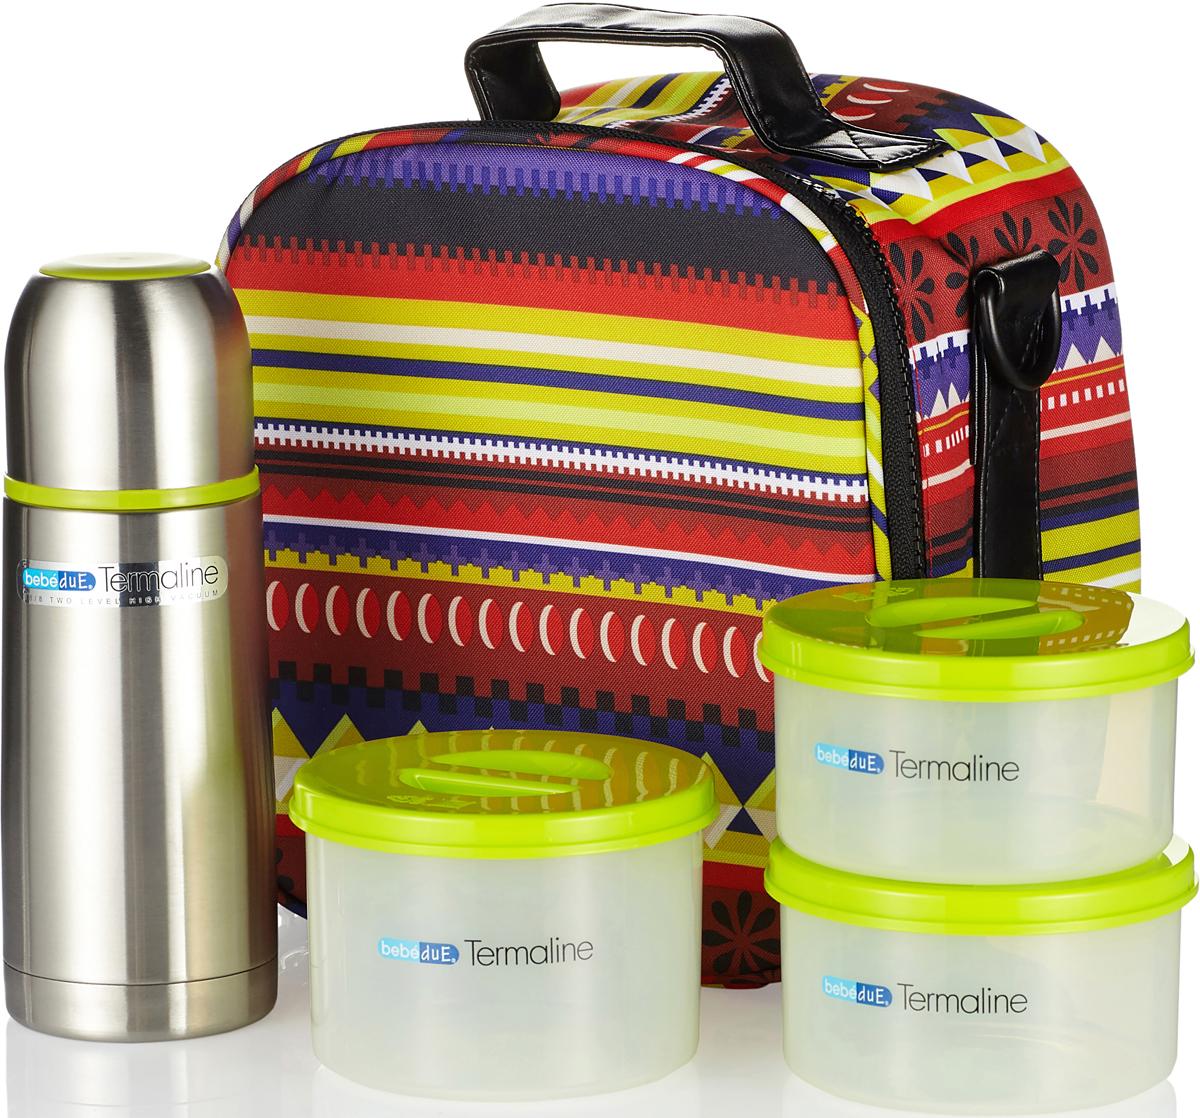 Bebe Due Термосумка цветная с набором контейнеров и термосом20108Идеальная термосумка, которая может пригодится на прогулке, в путешествии. При посещении роддомов и больниц. Завтрак, обед или ужин с тобой в любом месте. Выполнена в двух расцветках. В комплект входит термосумка, термос, контейнеры.Термосумка Bebe Due помогает поддерживать температурный режим от 3 до 5 часов, в зависимости от закладки еды и напитка, а также учитывая внешнюю температуру среды.Термос 300 мл с клапаном для раздачи жидкости. Термос выполнен из высококачественной нержавеющей стали, не содержит вредных веществ. Поддерживает температуру напитка до 12 часов, в зависимости от температуры заливки. Может сохранять как горячую, так и холодную температуру напитка. Встроен съемный клапан для раздачи жидкости, который служит системой не проливания, на случай если термос опрокинется в открытом состоянии. Ударопрочный, герметичный, удобная форма, крышка используется как стакан.Контейнеры для хранения еды, которые можно греть в СВЧ.Данный набор поможет сэкономить время и деньги во многих ситуациях. Объем термоса: 300 мл. Объем контейнеров: 300 мл - 2шт, 400 мл - 1 шт.